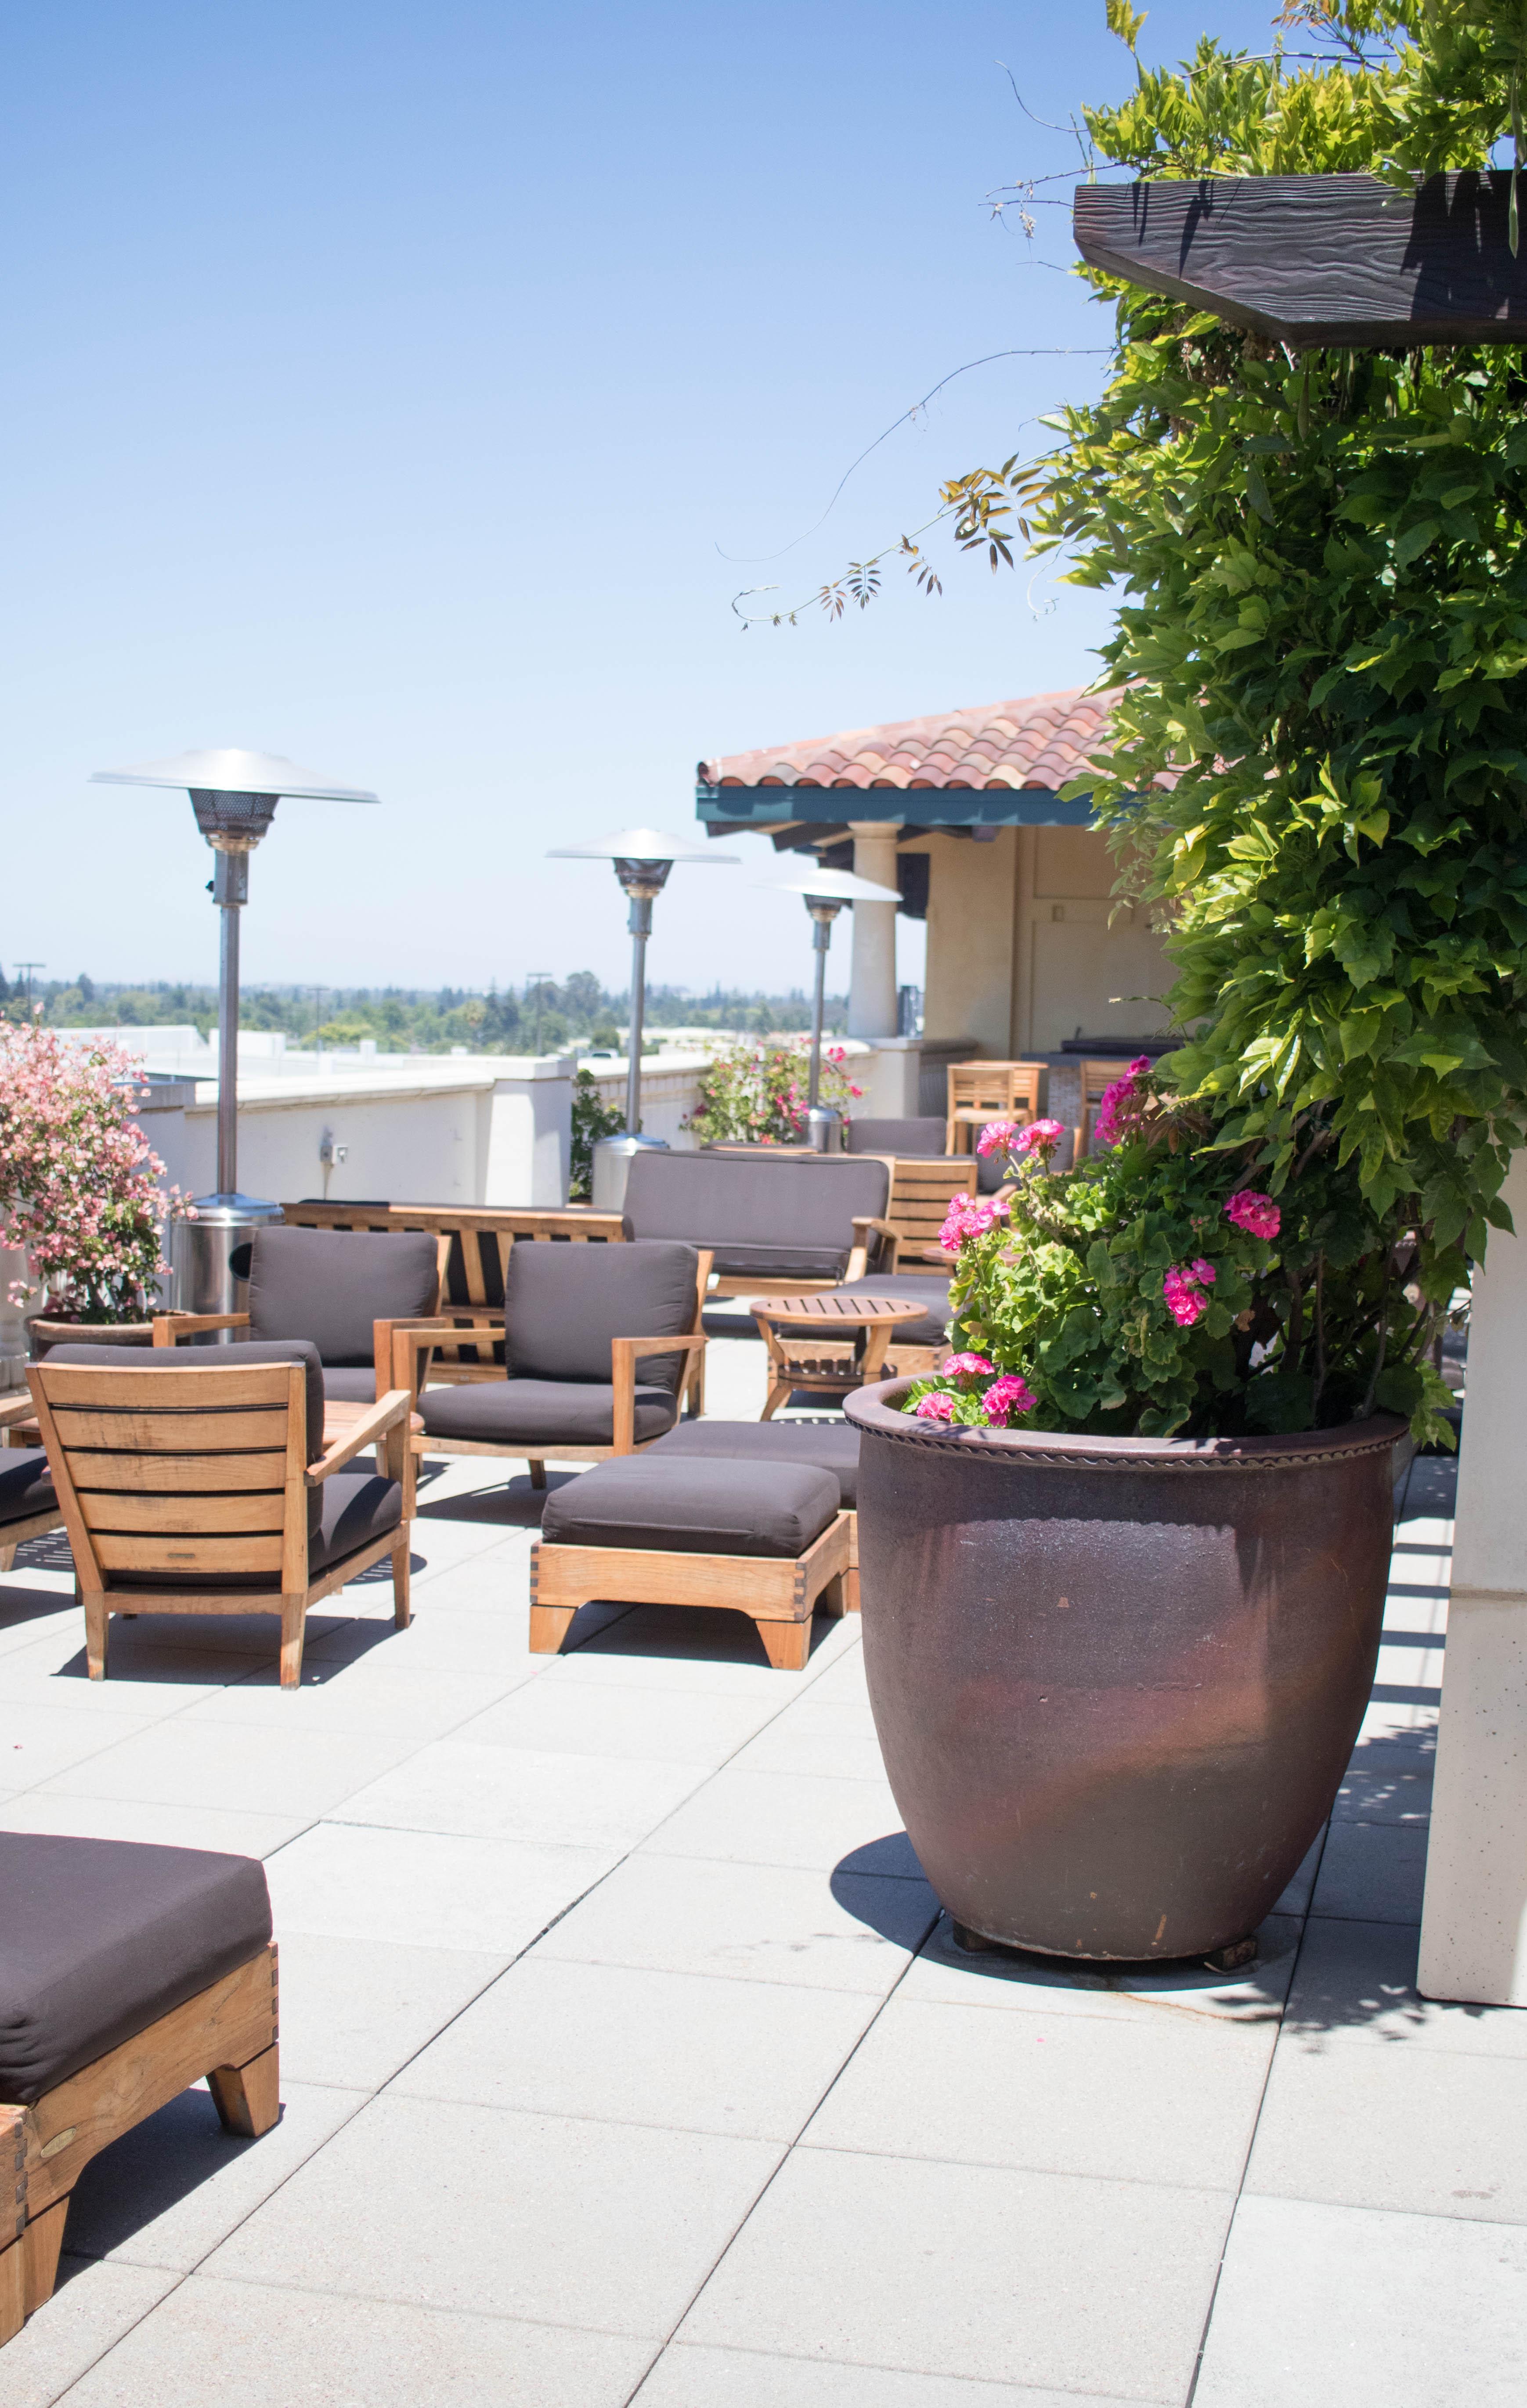 cielo hotel valencia #winebar #rooftopbar #hotelvalencia